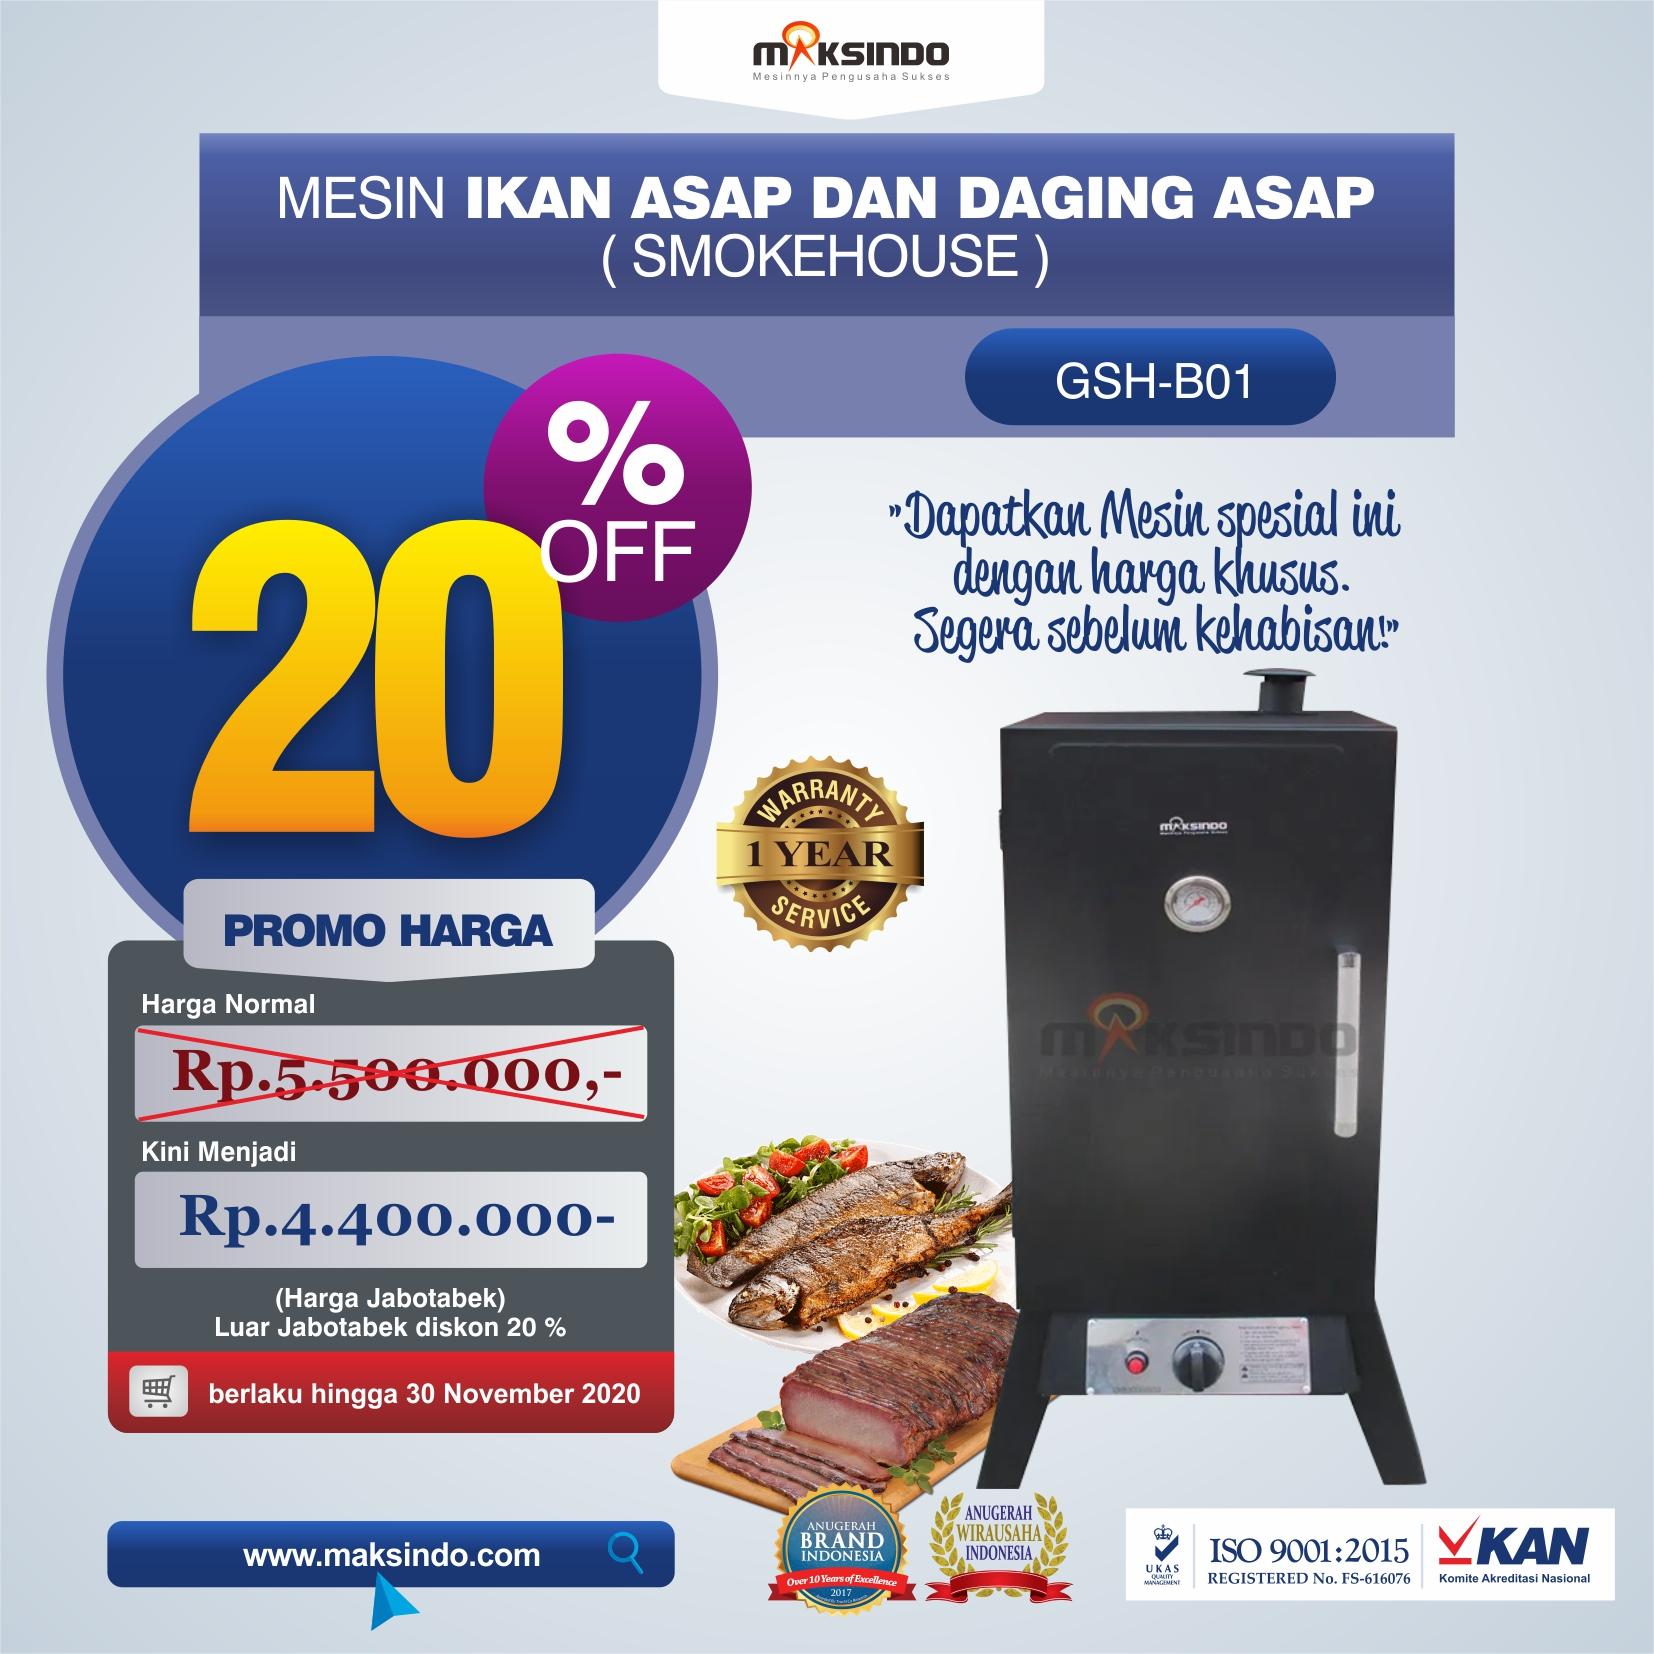 Jual Mesin Ikan Asap dan Daging Asap (Smokehouse) GSH-B01 Di Tangerang